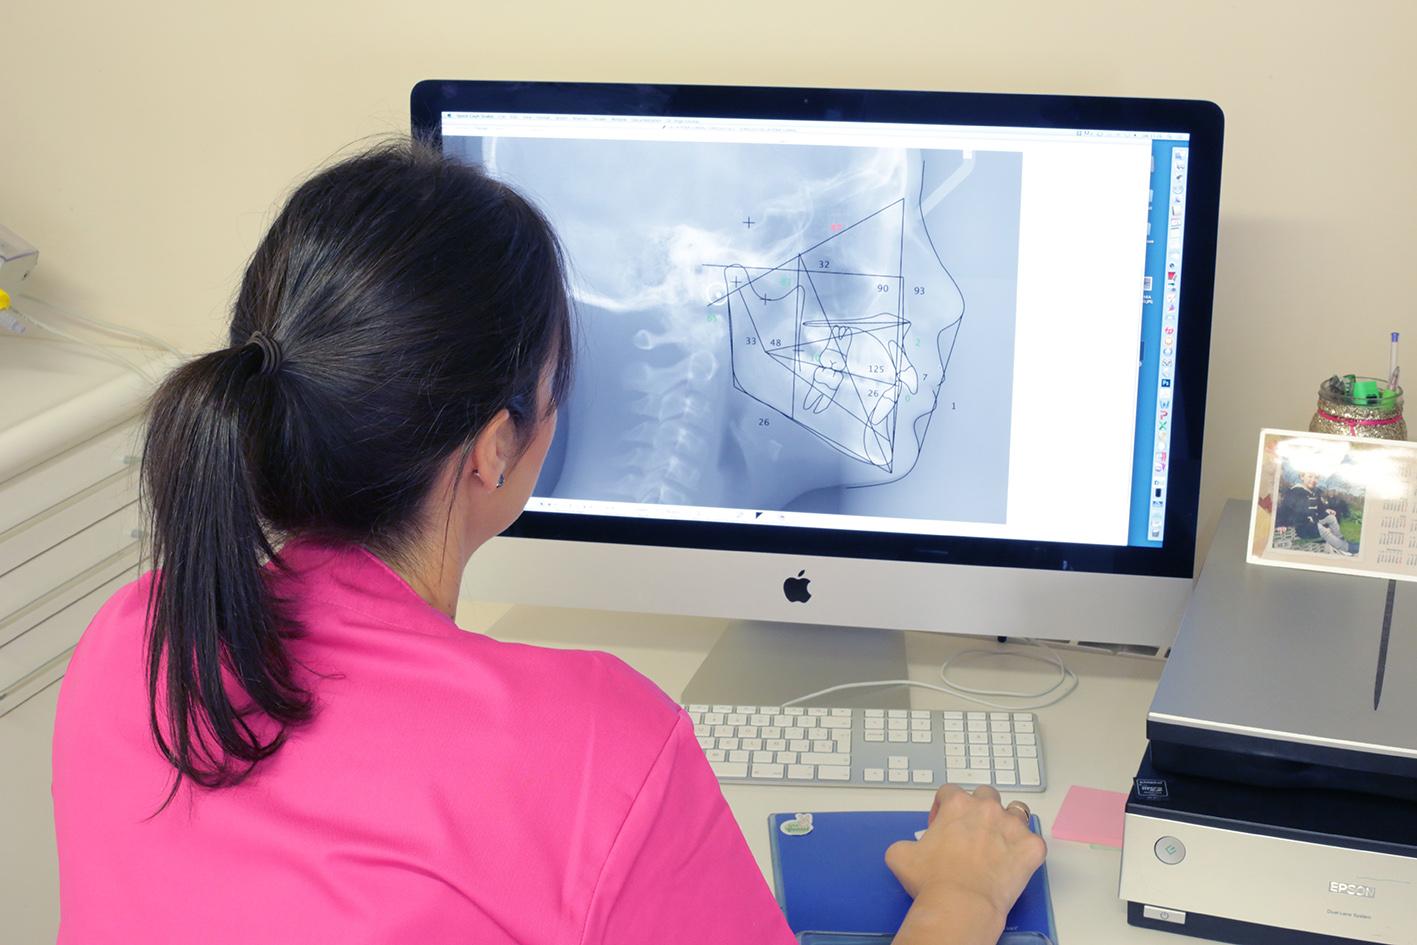 Program diagnóstico Ortodoncia Quick Ceph Studio Calidad y Tecnología en Ortodoncia Encinas